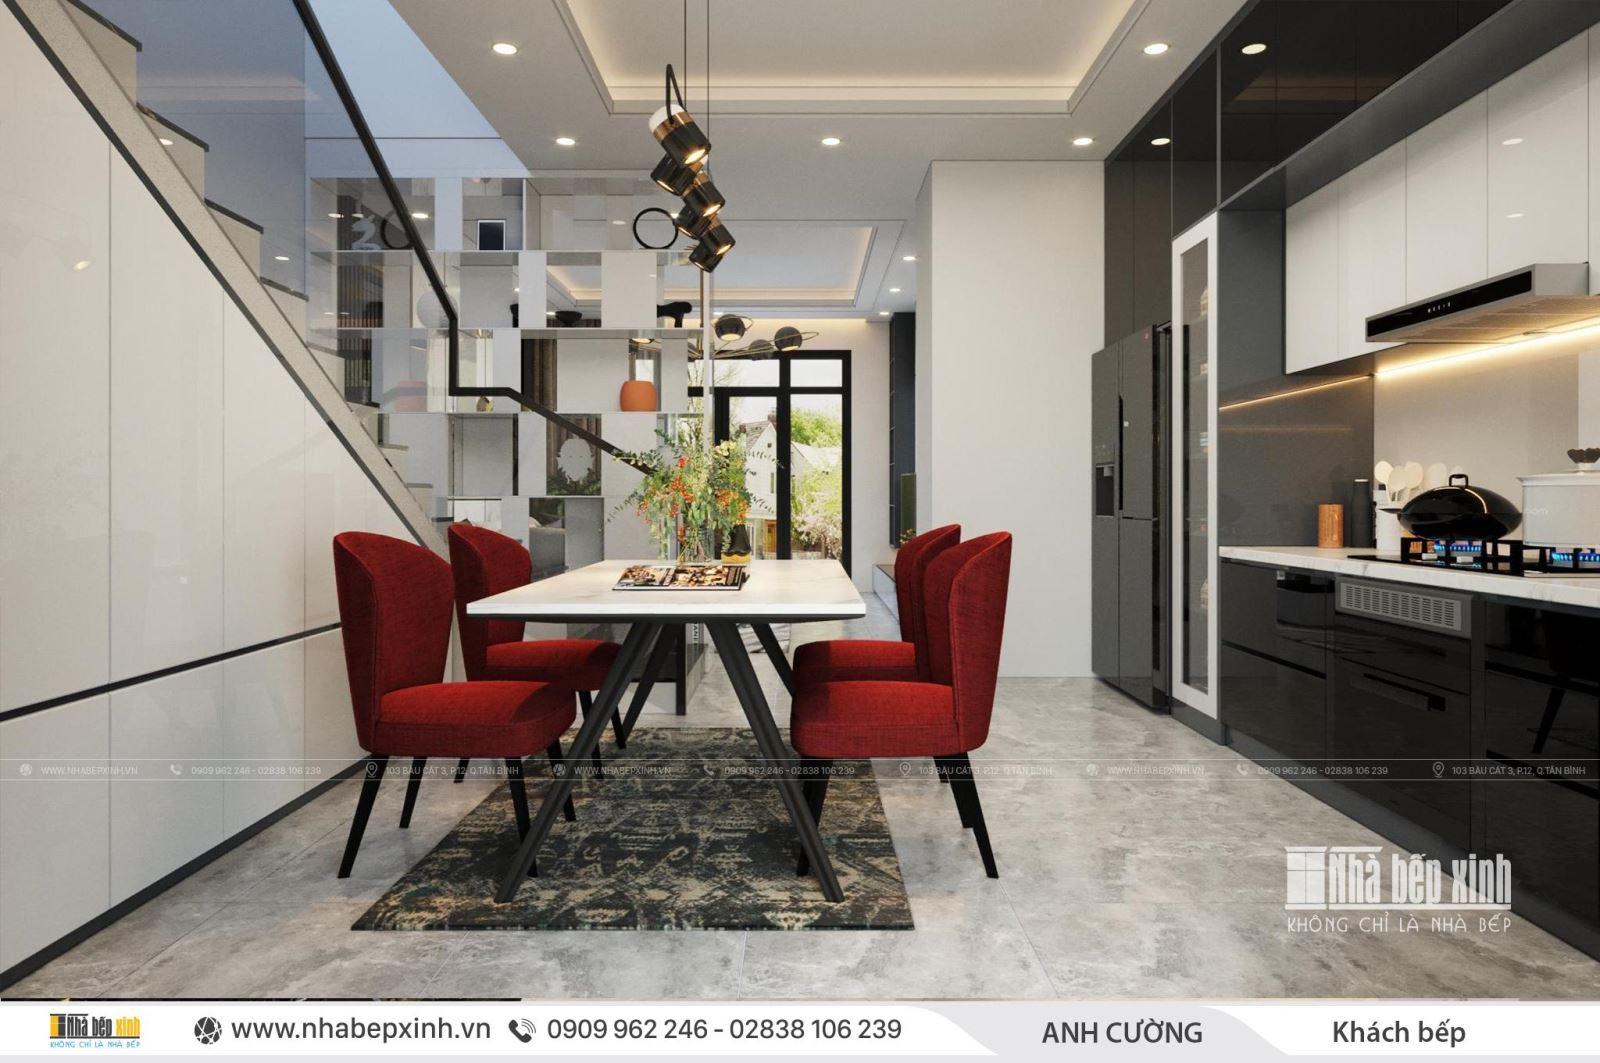 Thiết kế nội thất trọn gói đẹp - phong cách hiện đại